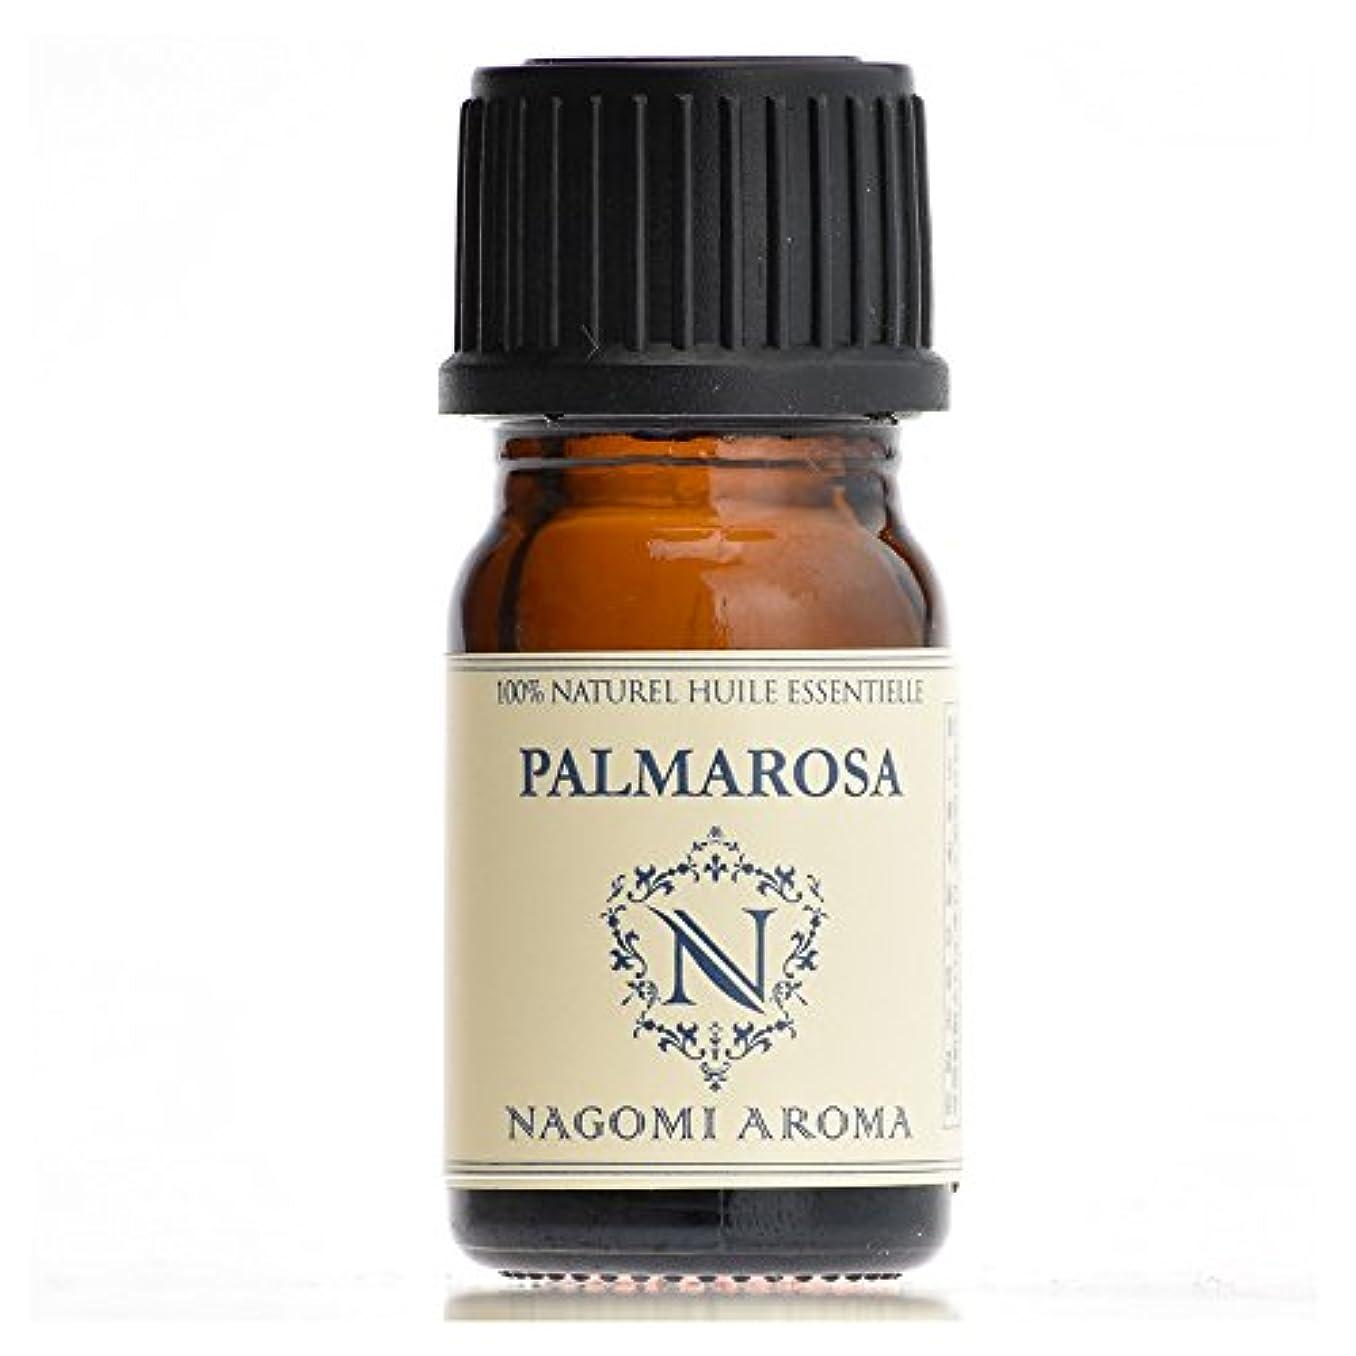 信者パンサー推定【AEAJ認定表示基準認定精油】NAGOMI PURE パルマローザ 5ml 【エッセンシャルオイル】【精油】【アロマオイル】|CONVOILs